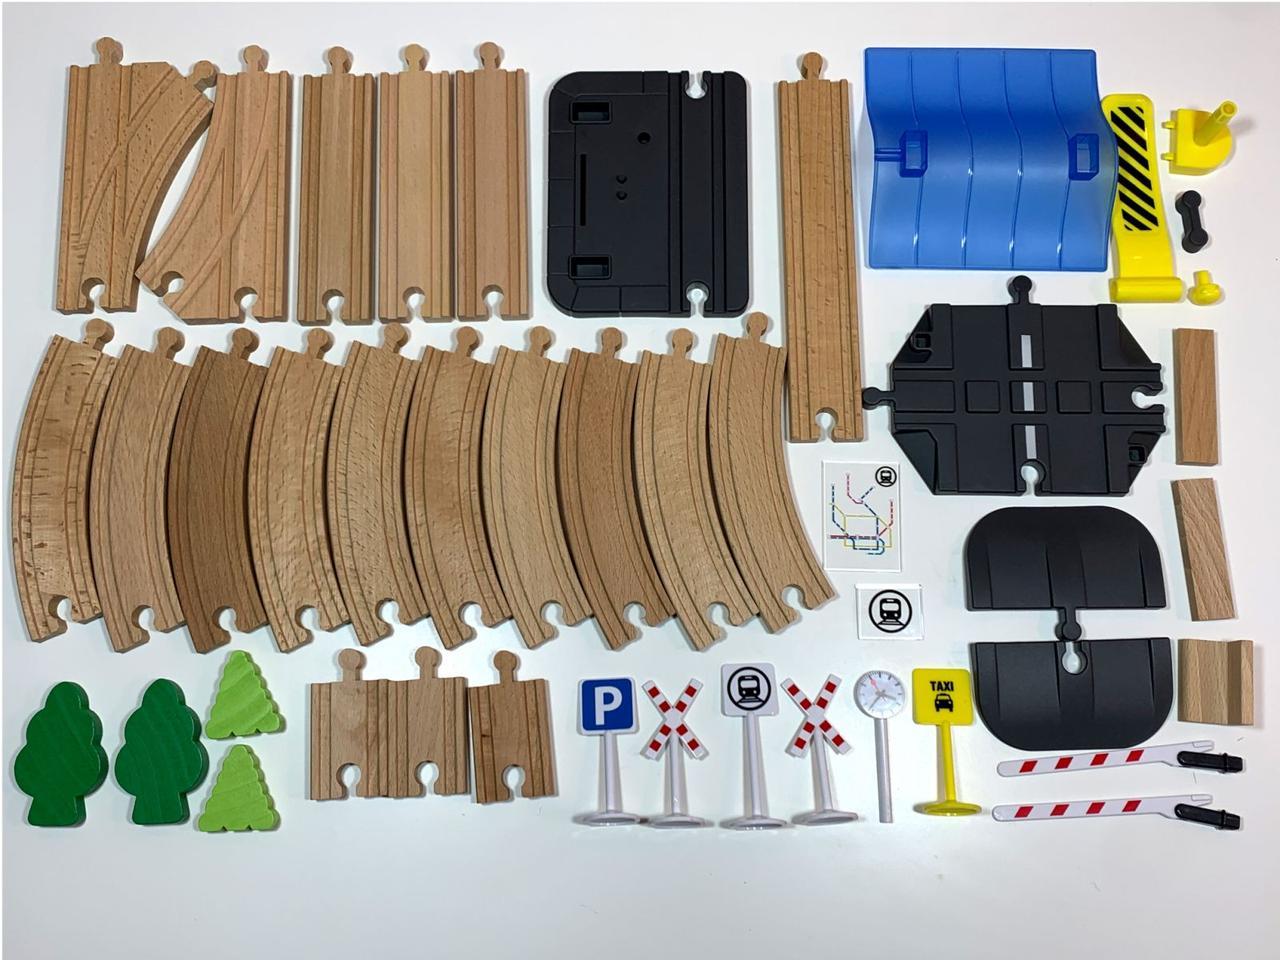 Додаткові елементи PlayTive для дерев'яної залізниці 45 елементів 3,3 м